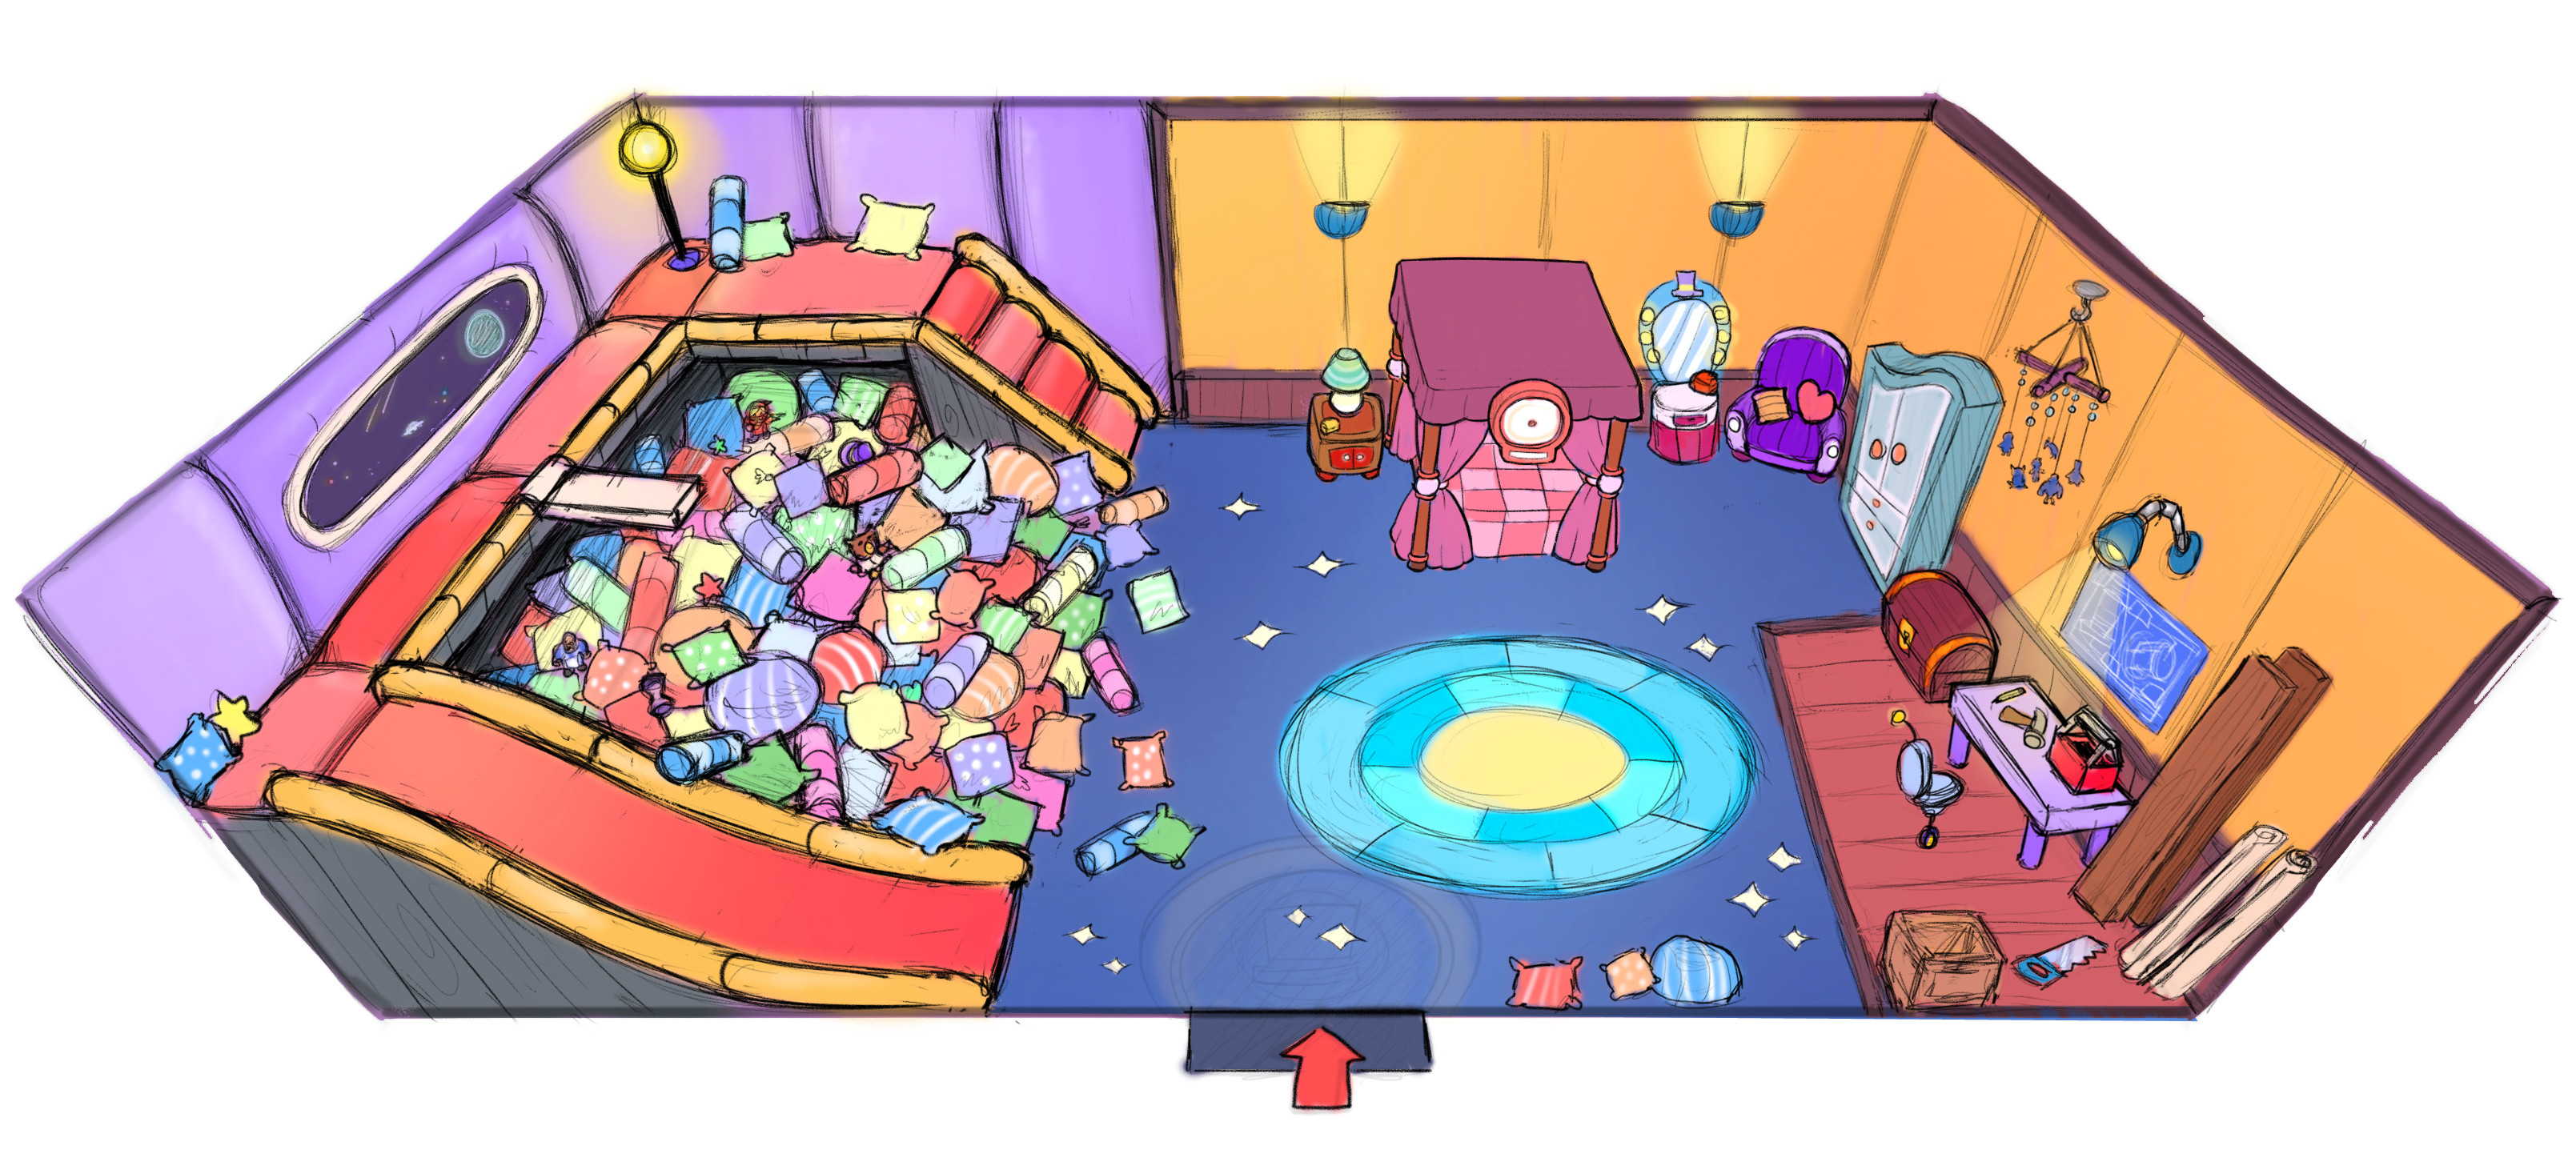 Hat Kid's Spaceship - Bedroom